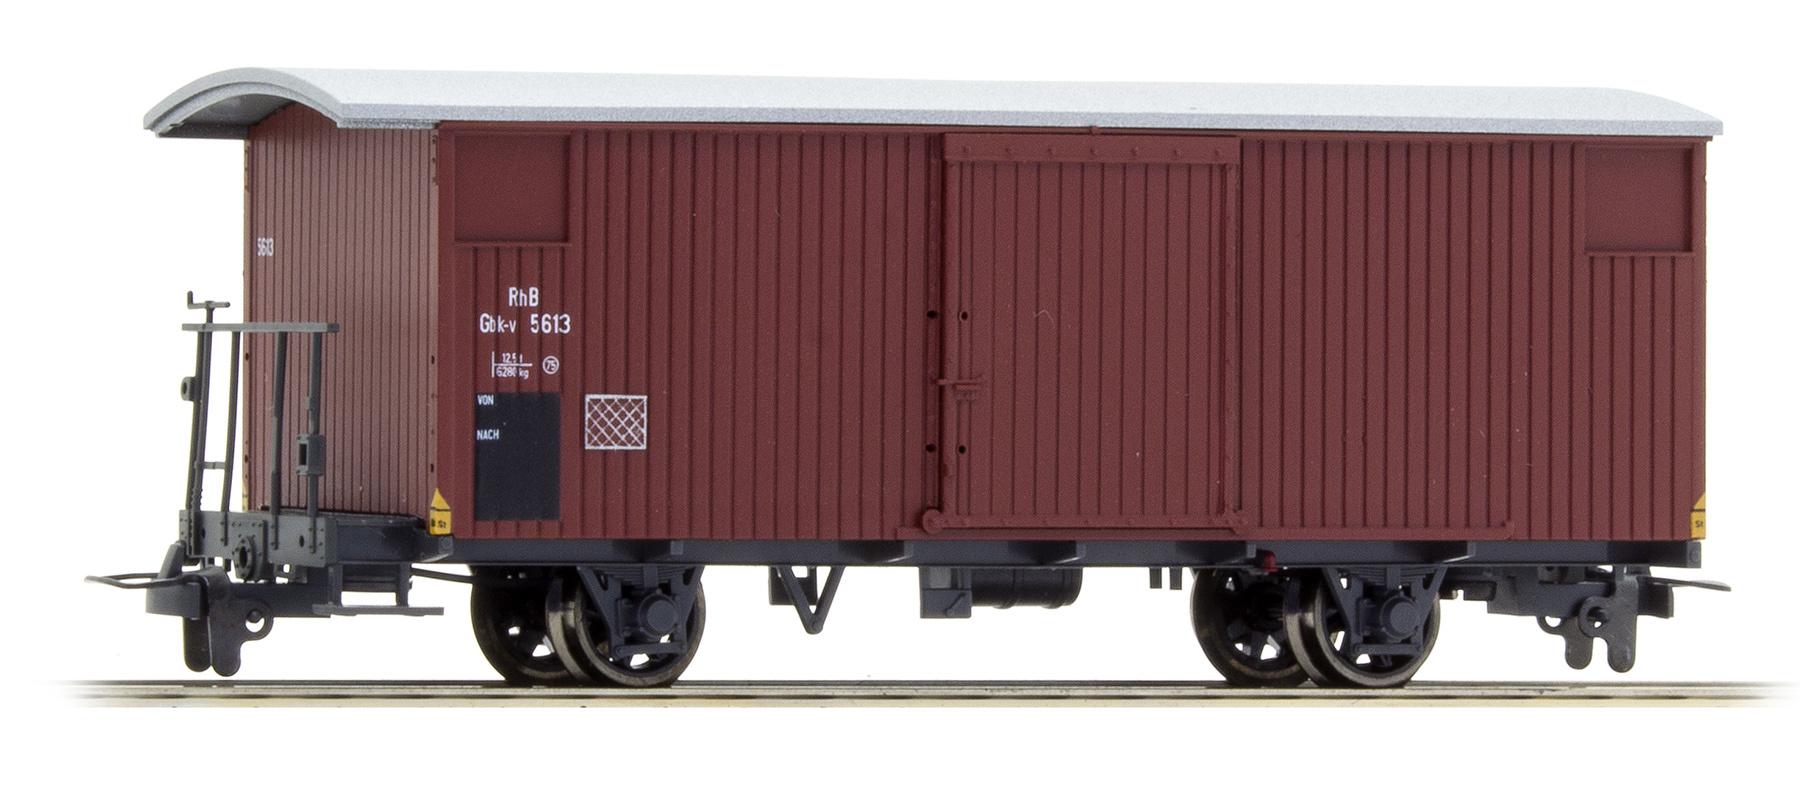 2293123 RhB Gbk-v 5613 gedeckter Güterwagen 70er-Jahre-2